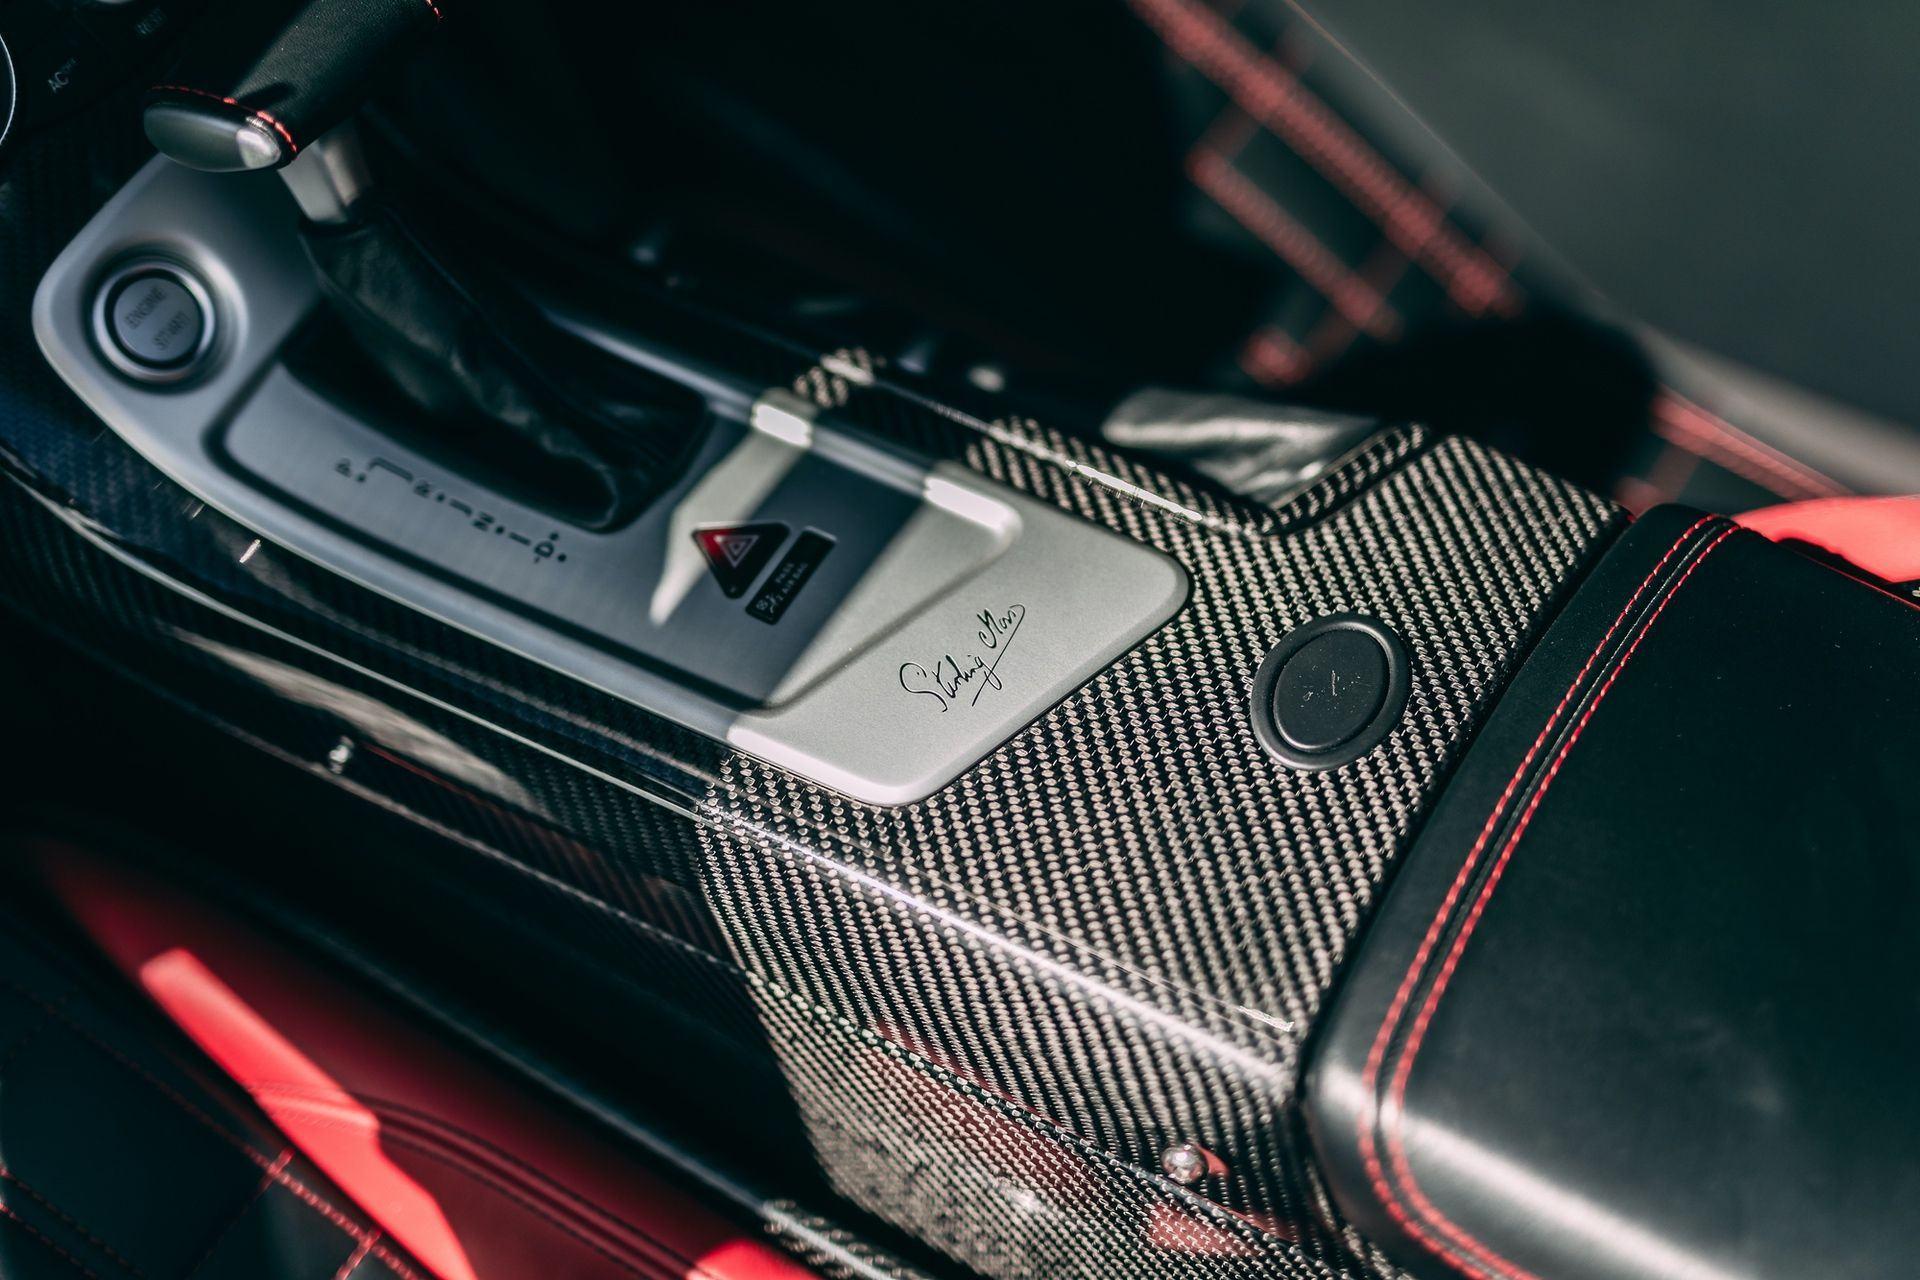 2009-Mercedes-Benz-SLR-McLaren-Stirling-Moss-_13